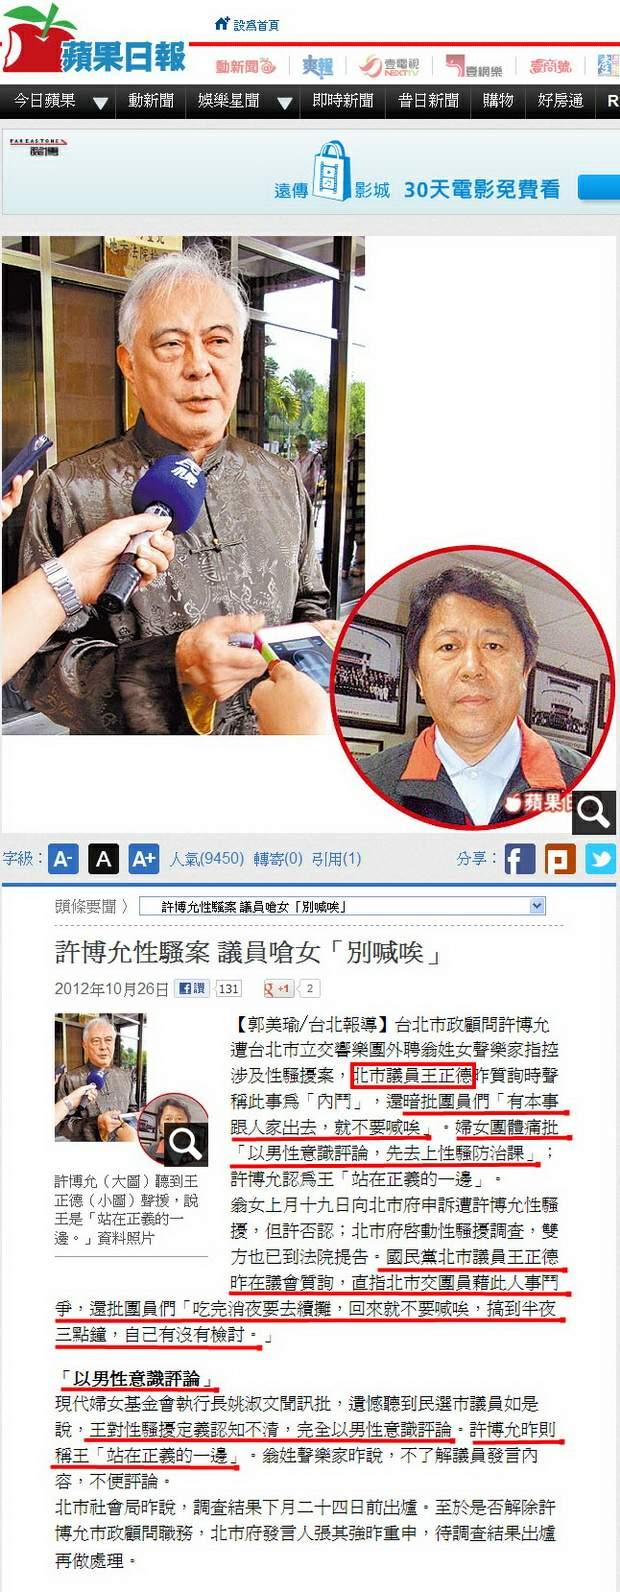 許博允性騷案 議員嗆女「別喊唉」-2012.10.26